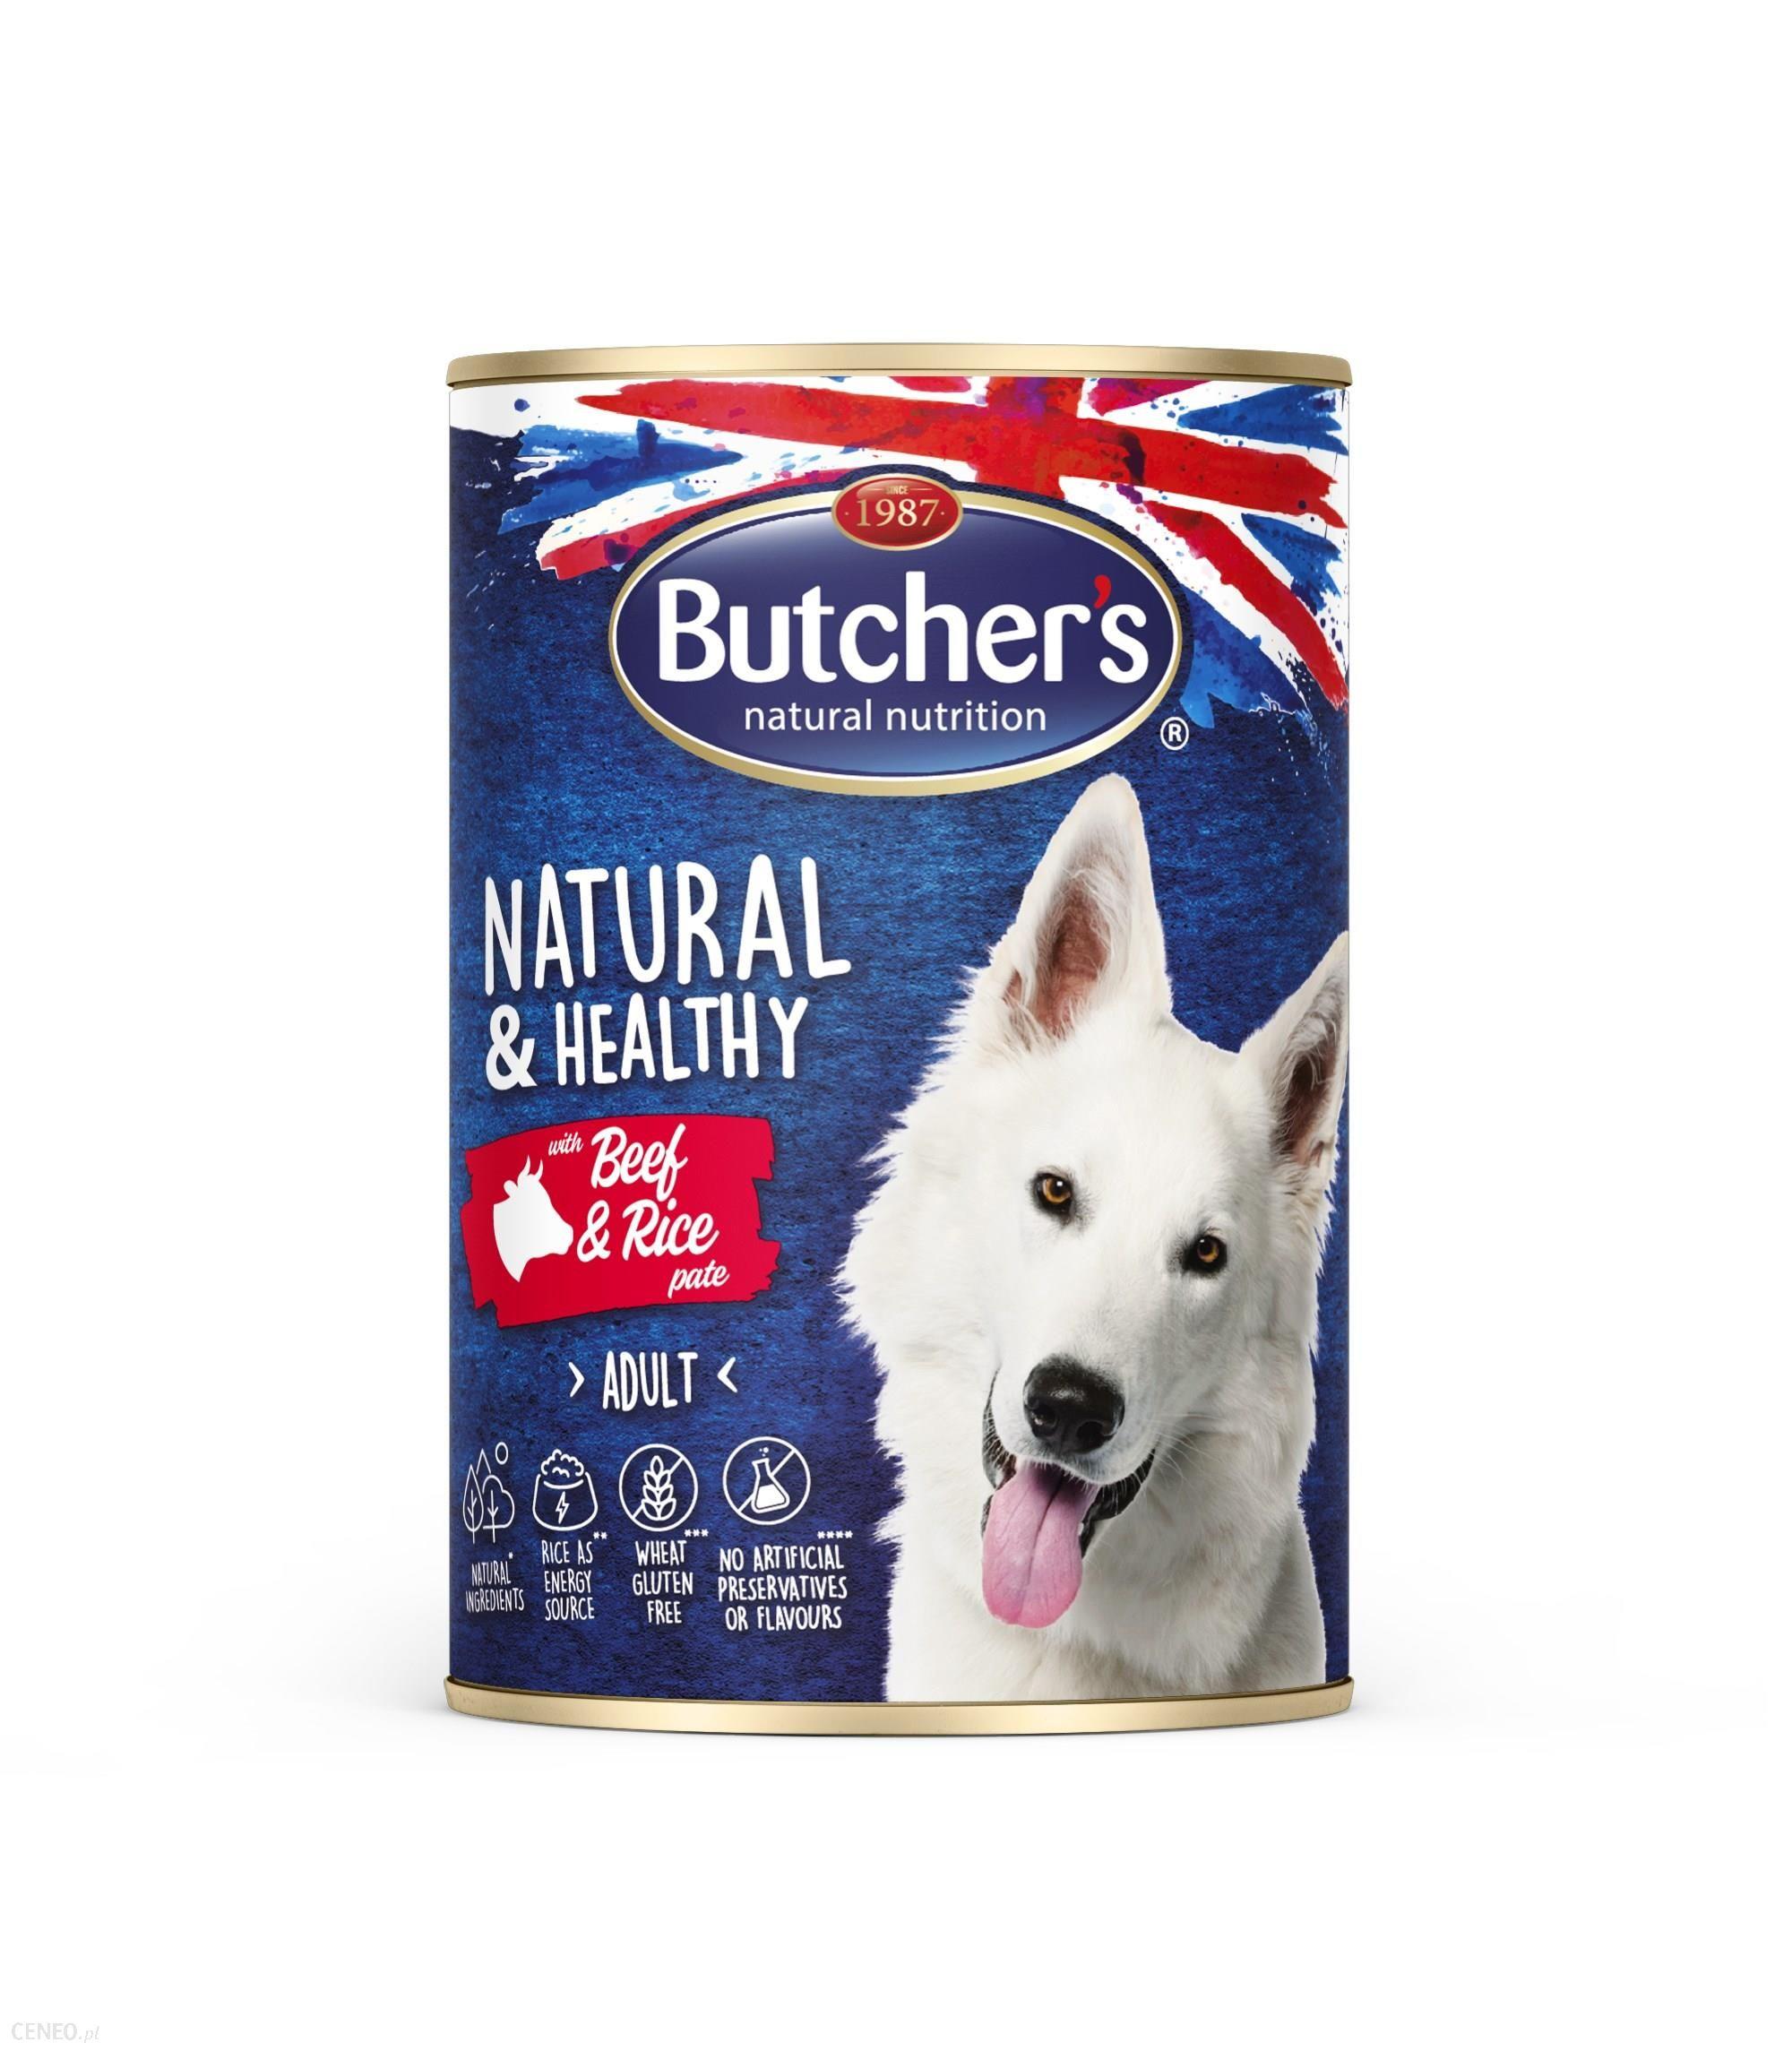 Butcher's Natural&Healthy Dog z wołowiną i ryżem pasztet 390g